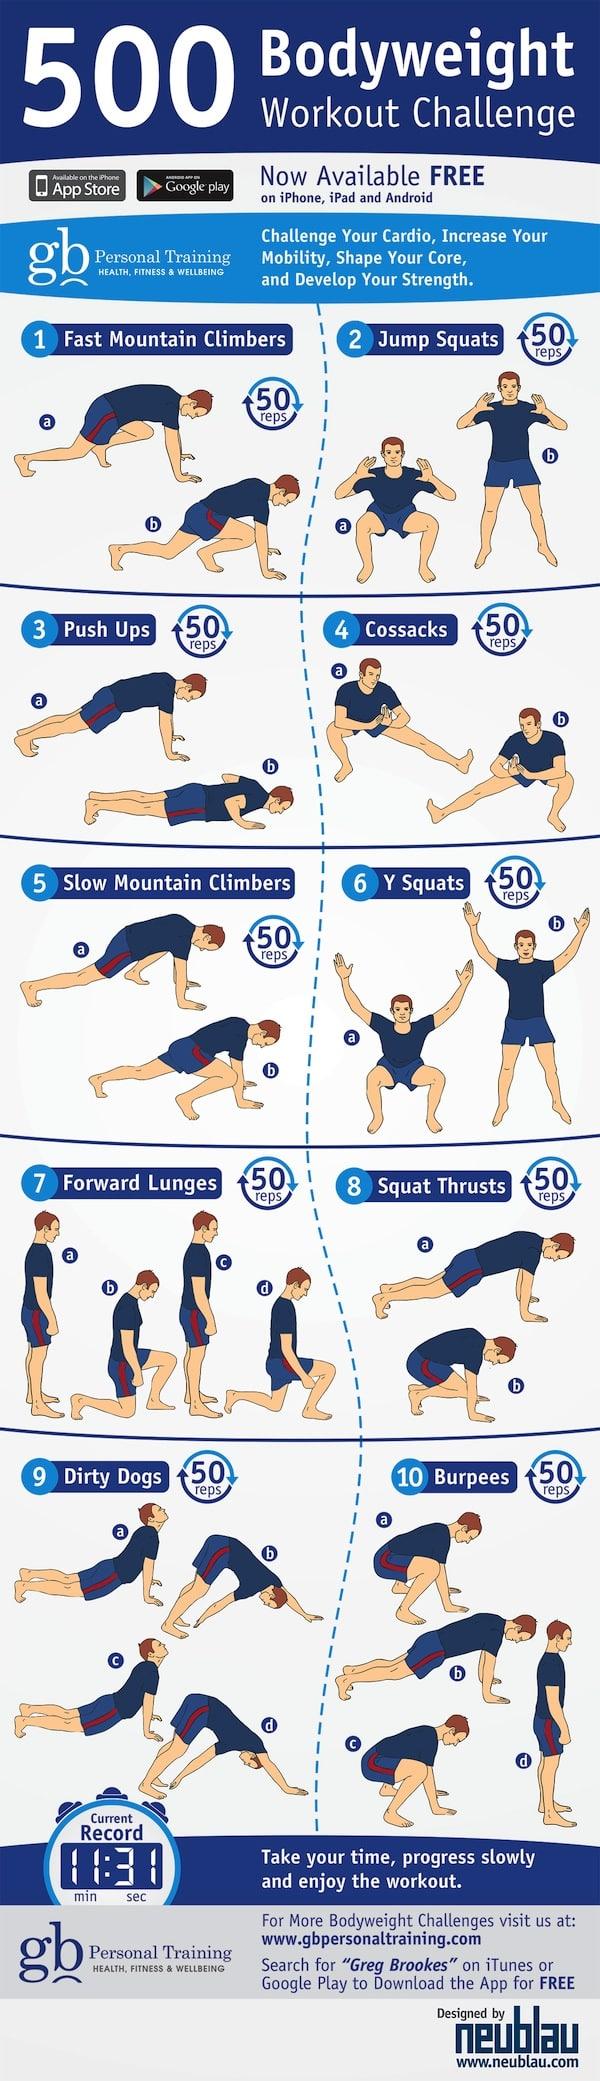 500 Bodyweight Challenge